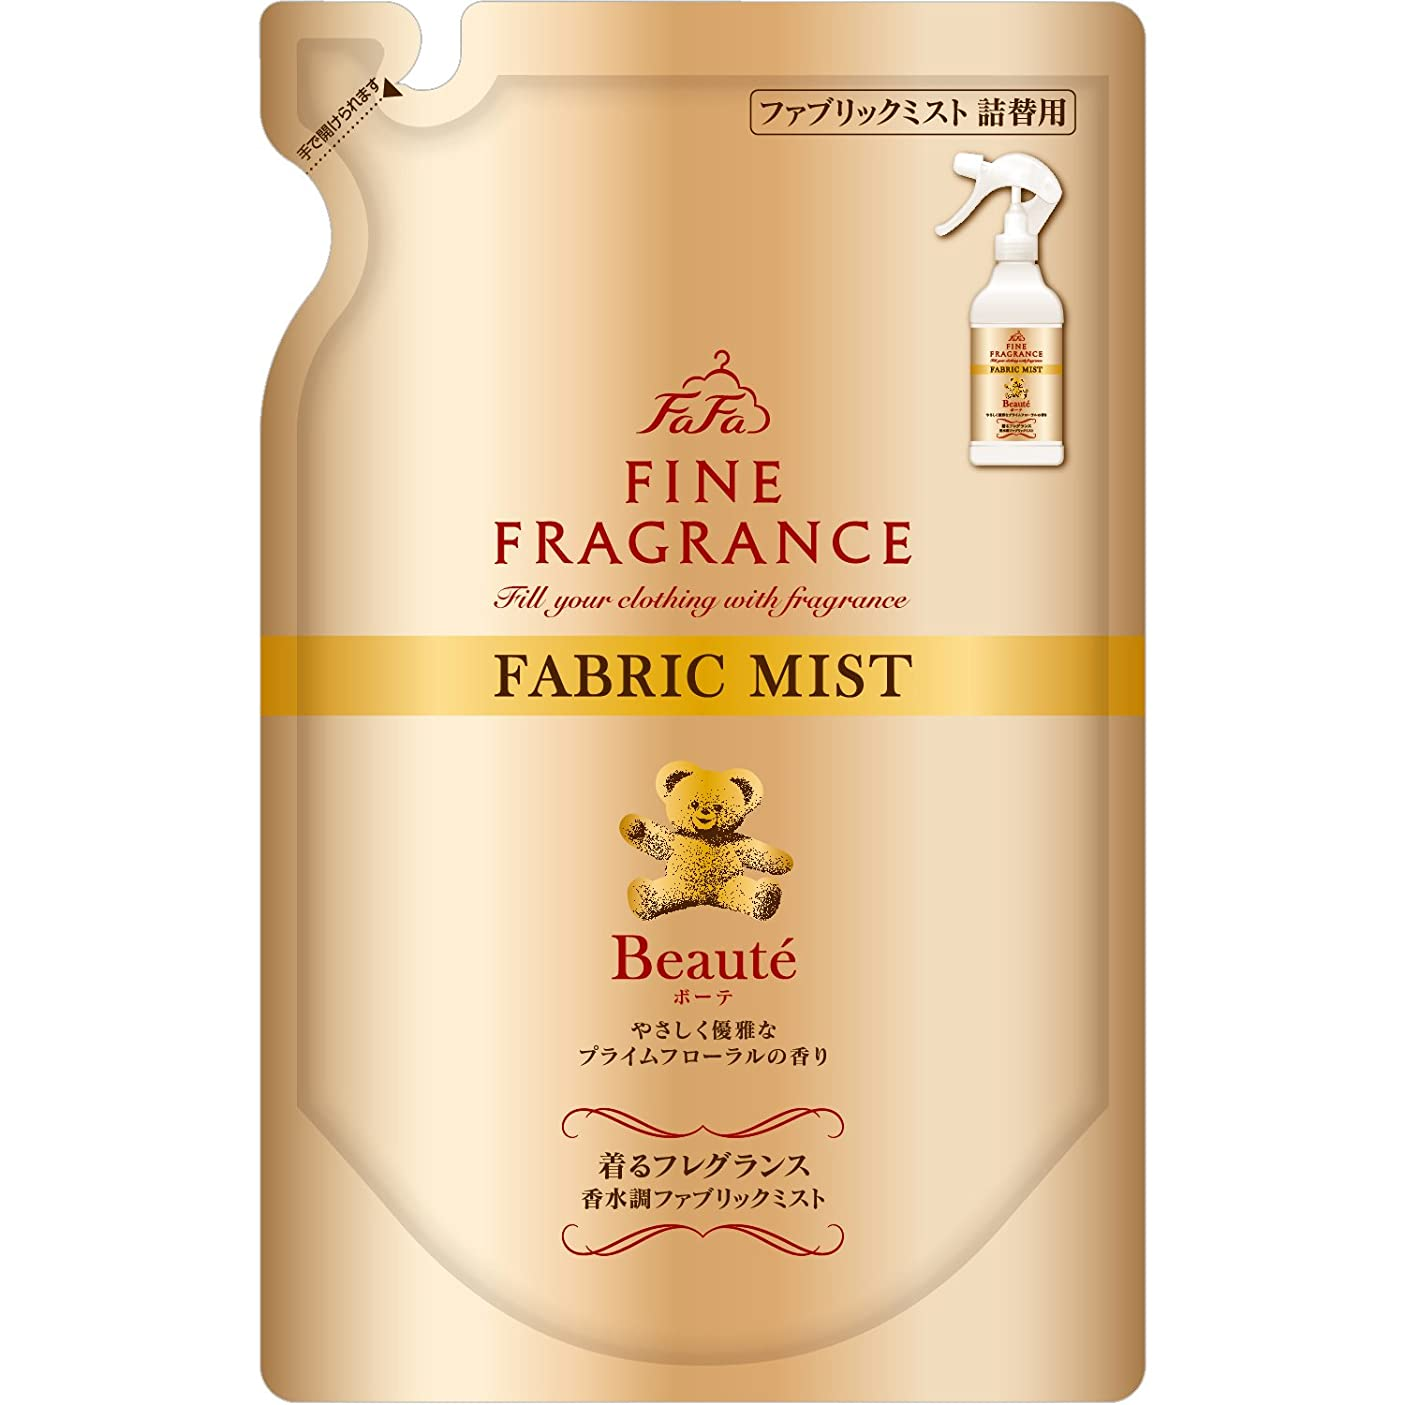 残高救出昇るファーファ ファインフレグランス ファブリックミスト 消臭芳香剤 布用 ボーテ 香水調プライムフローラルの香り 詰替 230ml